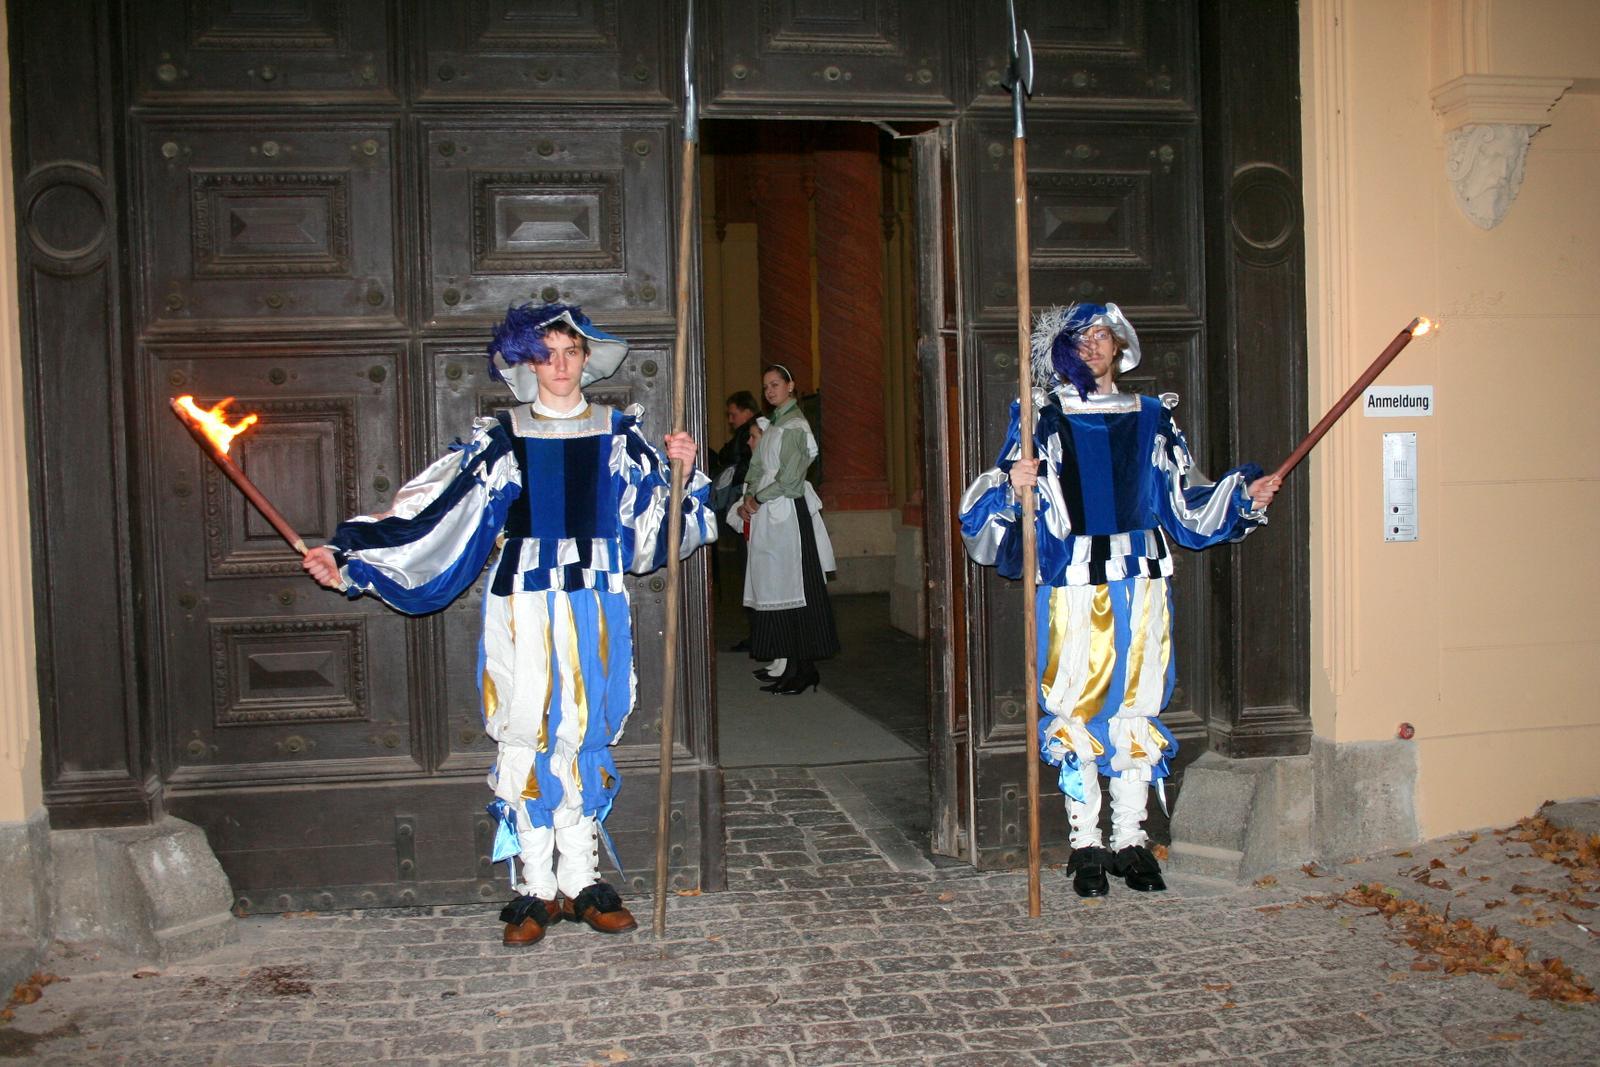 03-2007-11-11_Martensmann_028